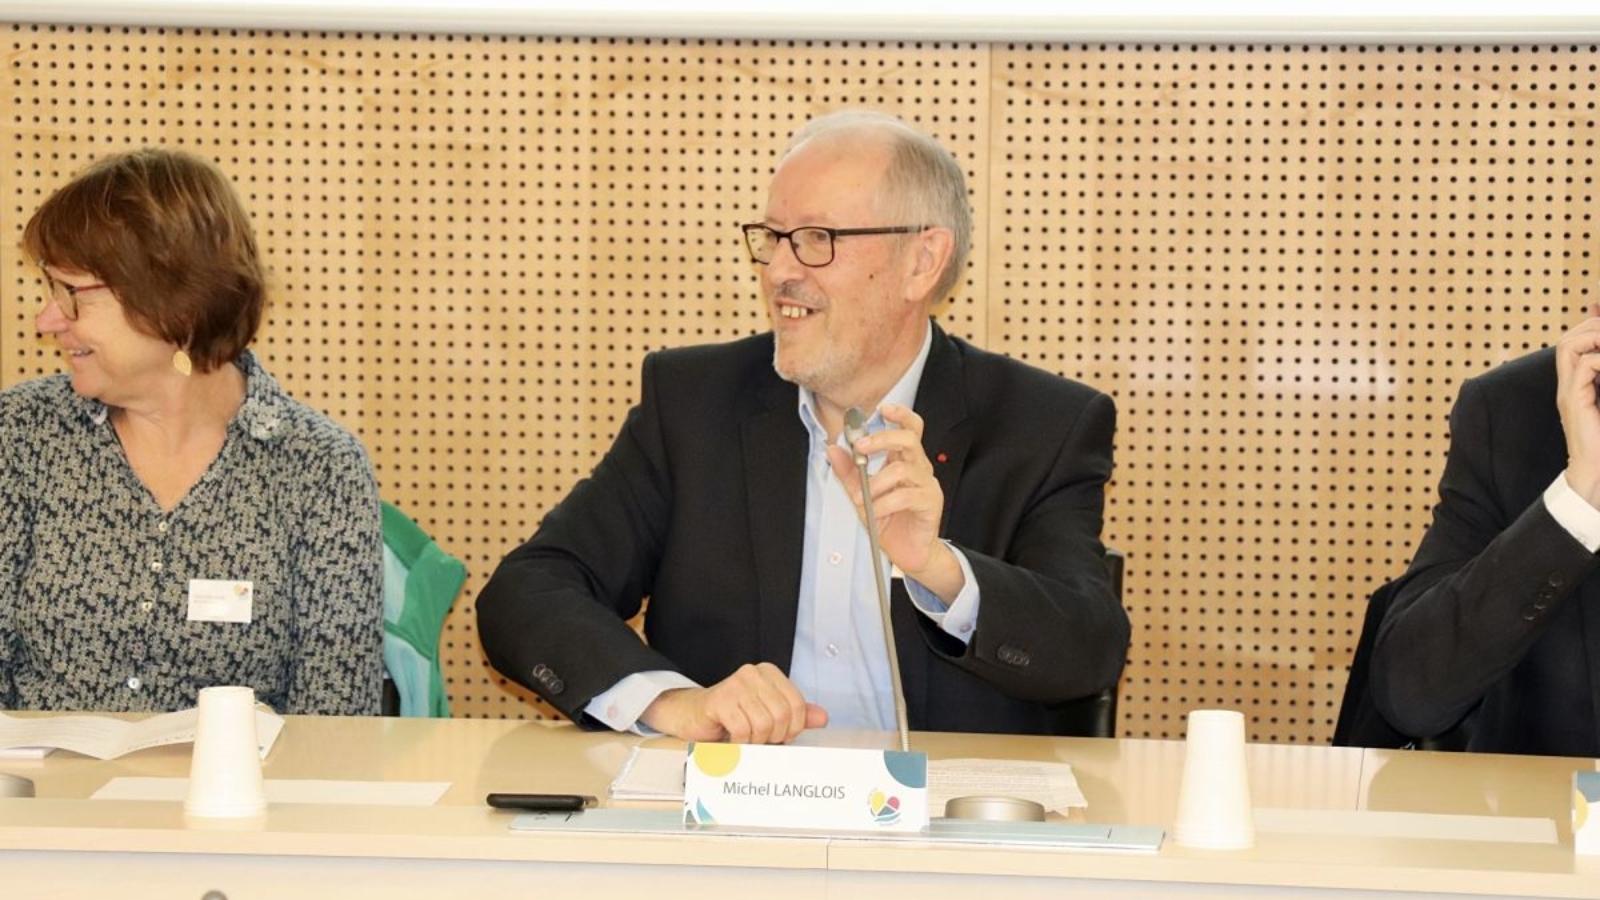 Michel langlois au micro